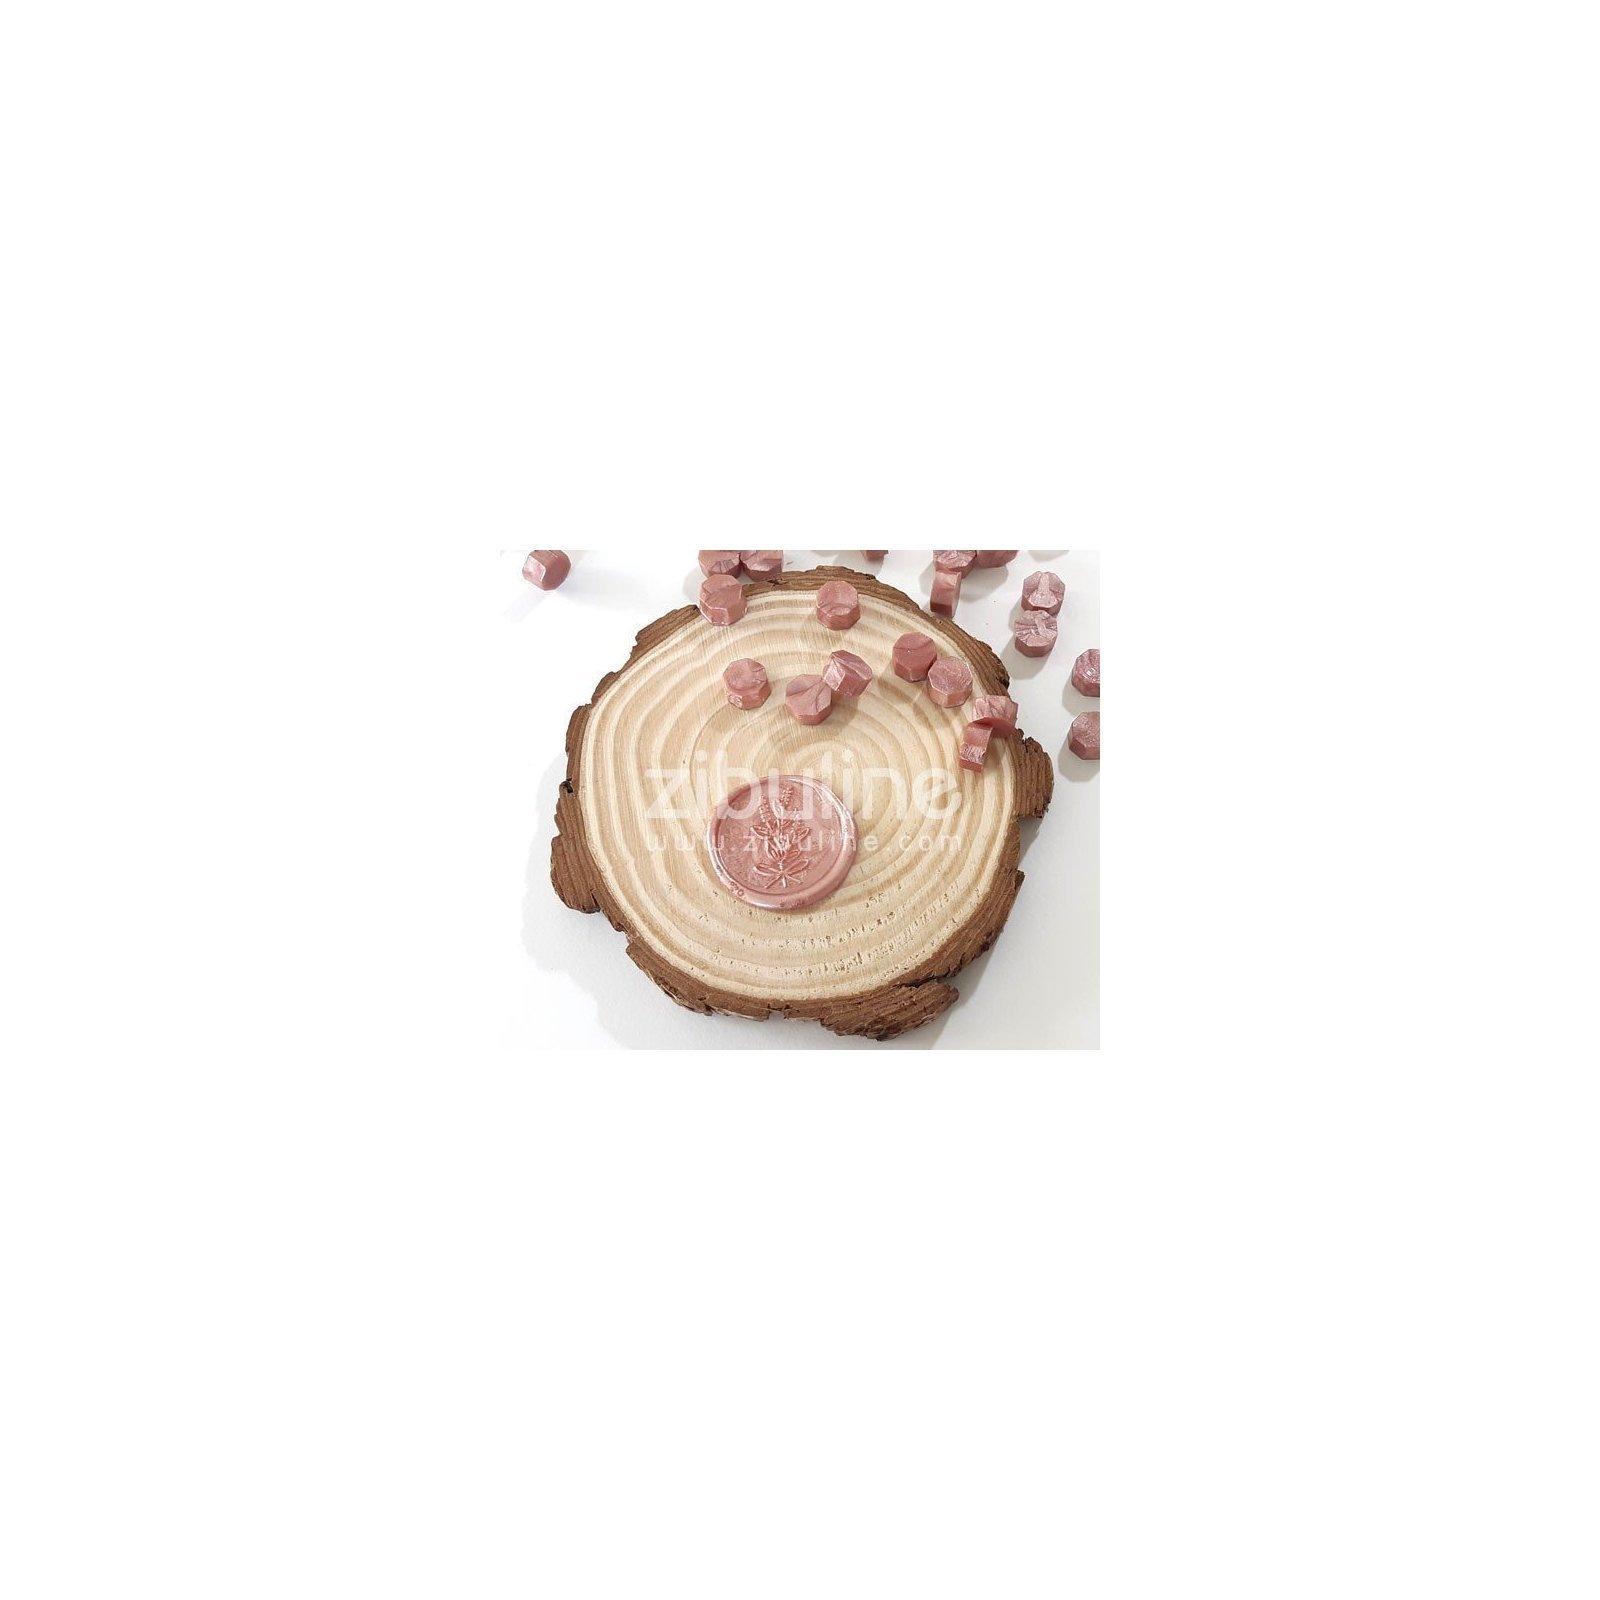 Pastilles de cire - Vieux rose nacré - Zibuline